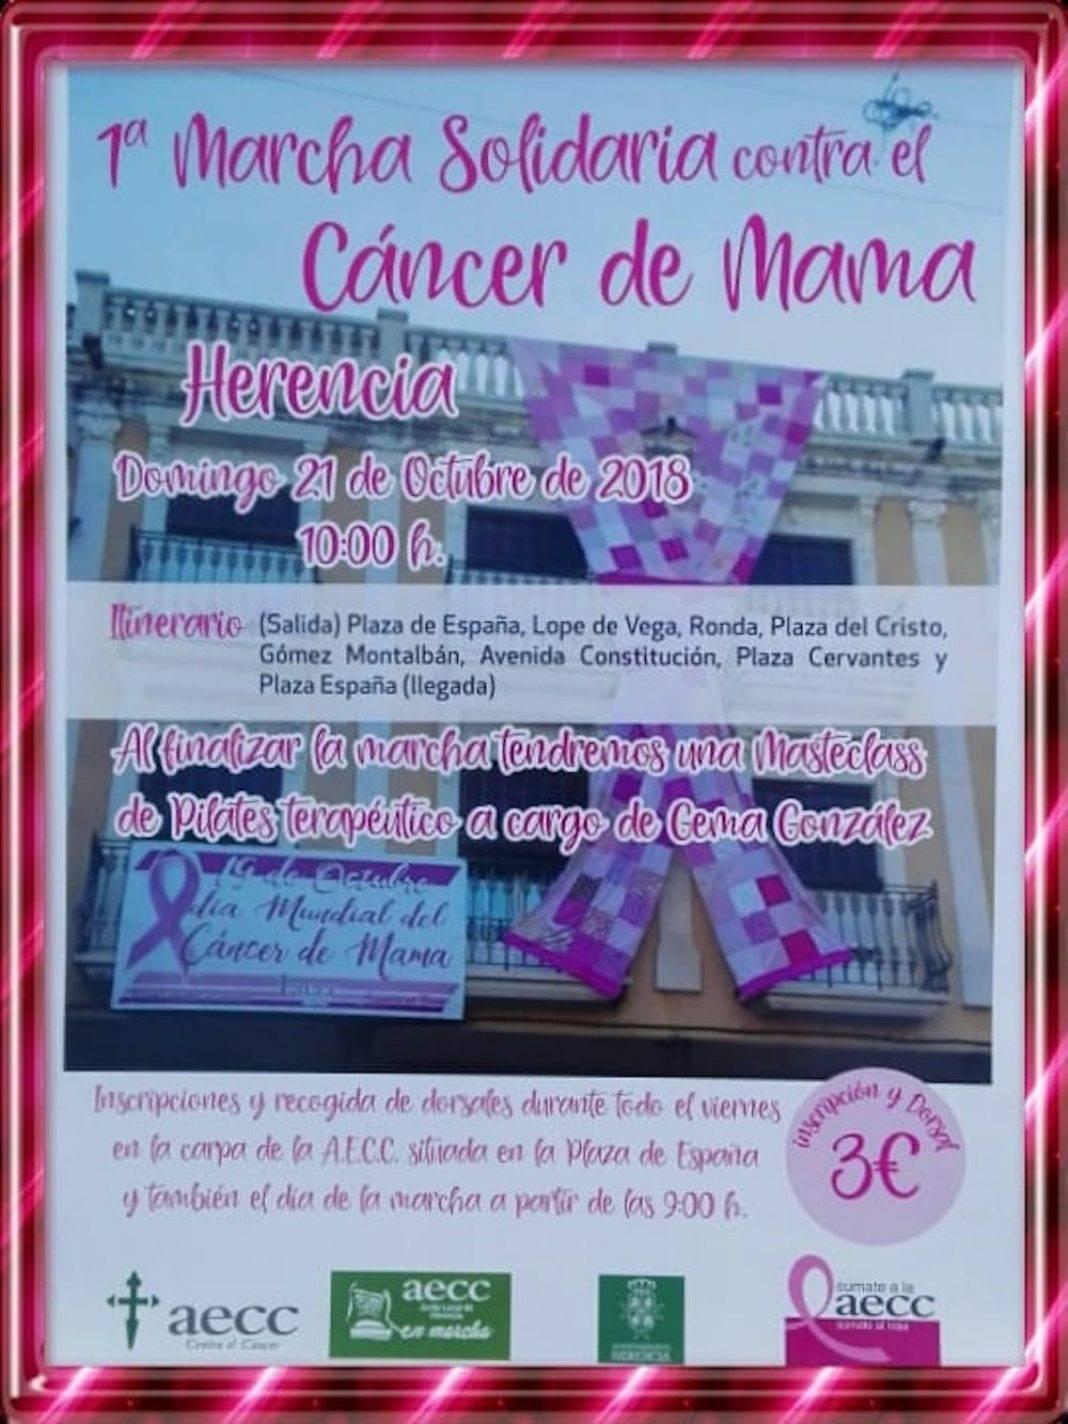 marcha contra el cancer mama 1068x1424 - Primera Marcha Solidaria contra el Cáncer de mama en Herencia